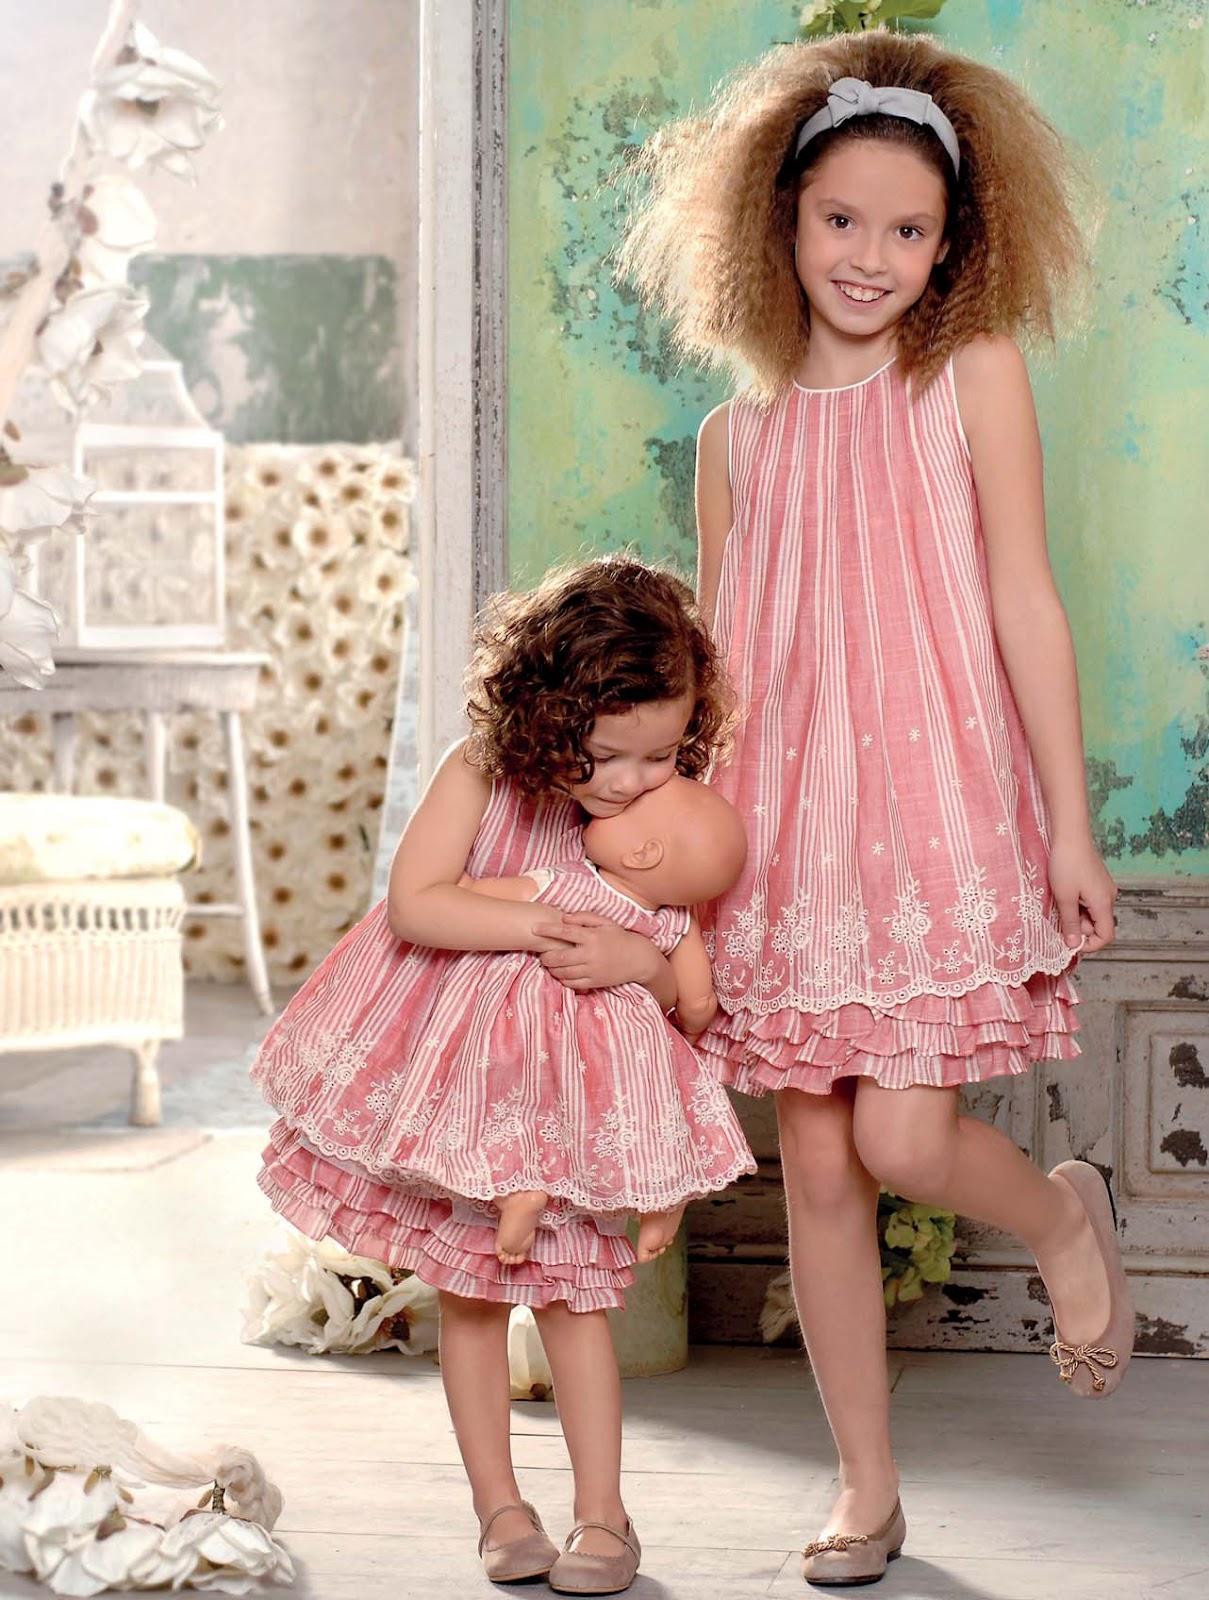 Moda adolescentes y ni os elegancia estilo primera - Catalogo telas el corte ingles ...